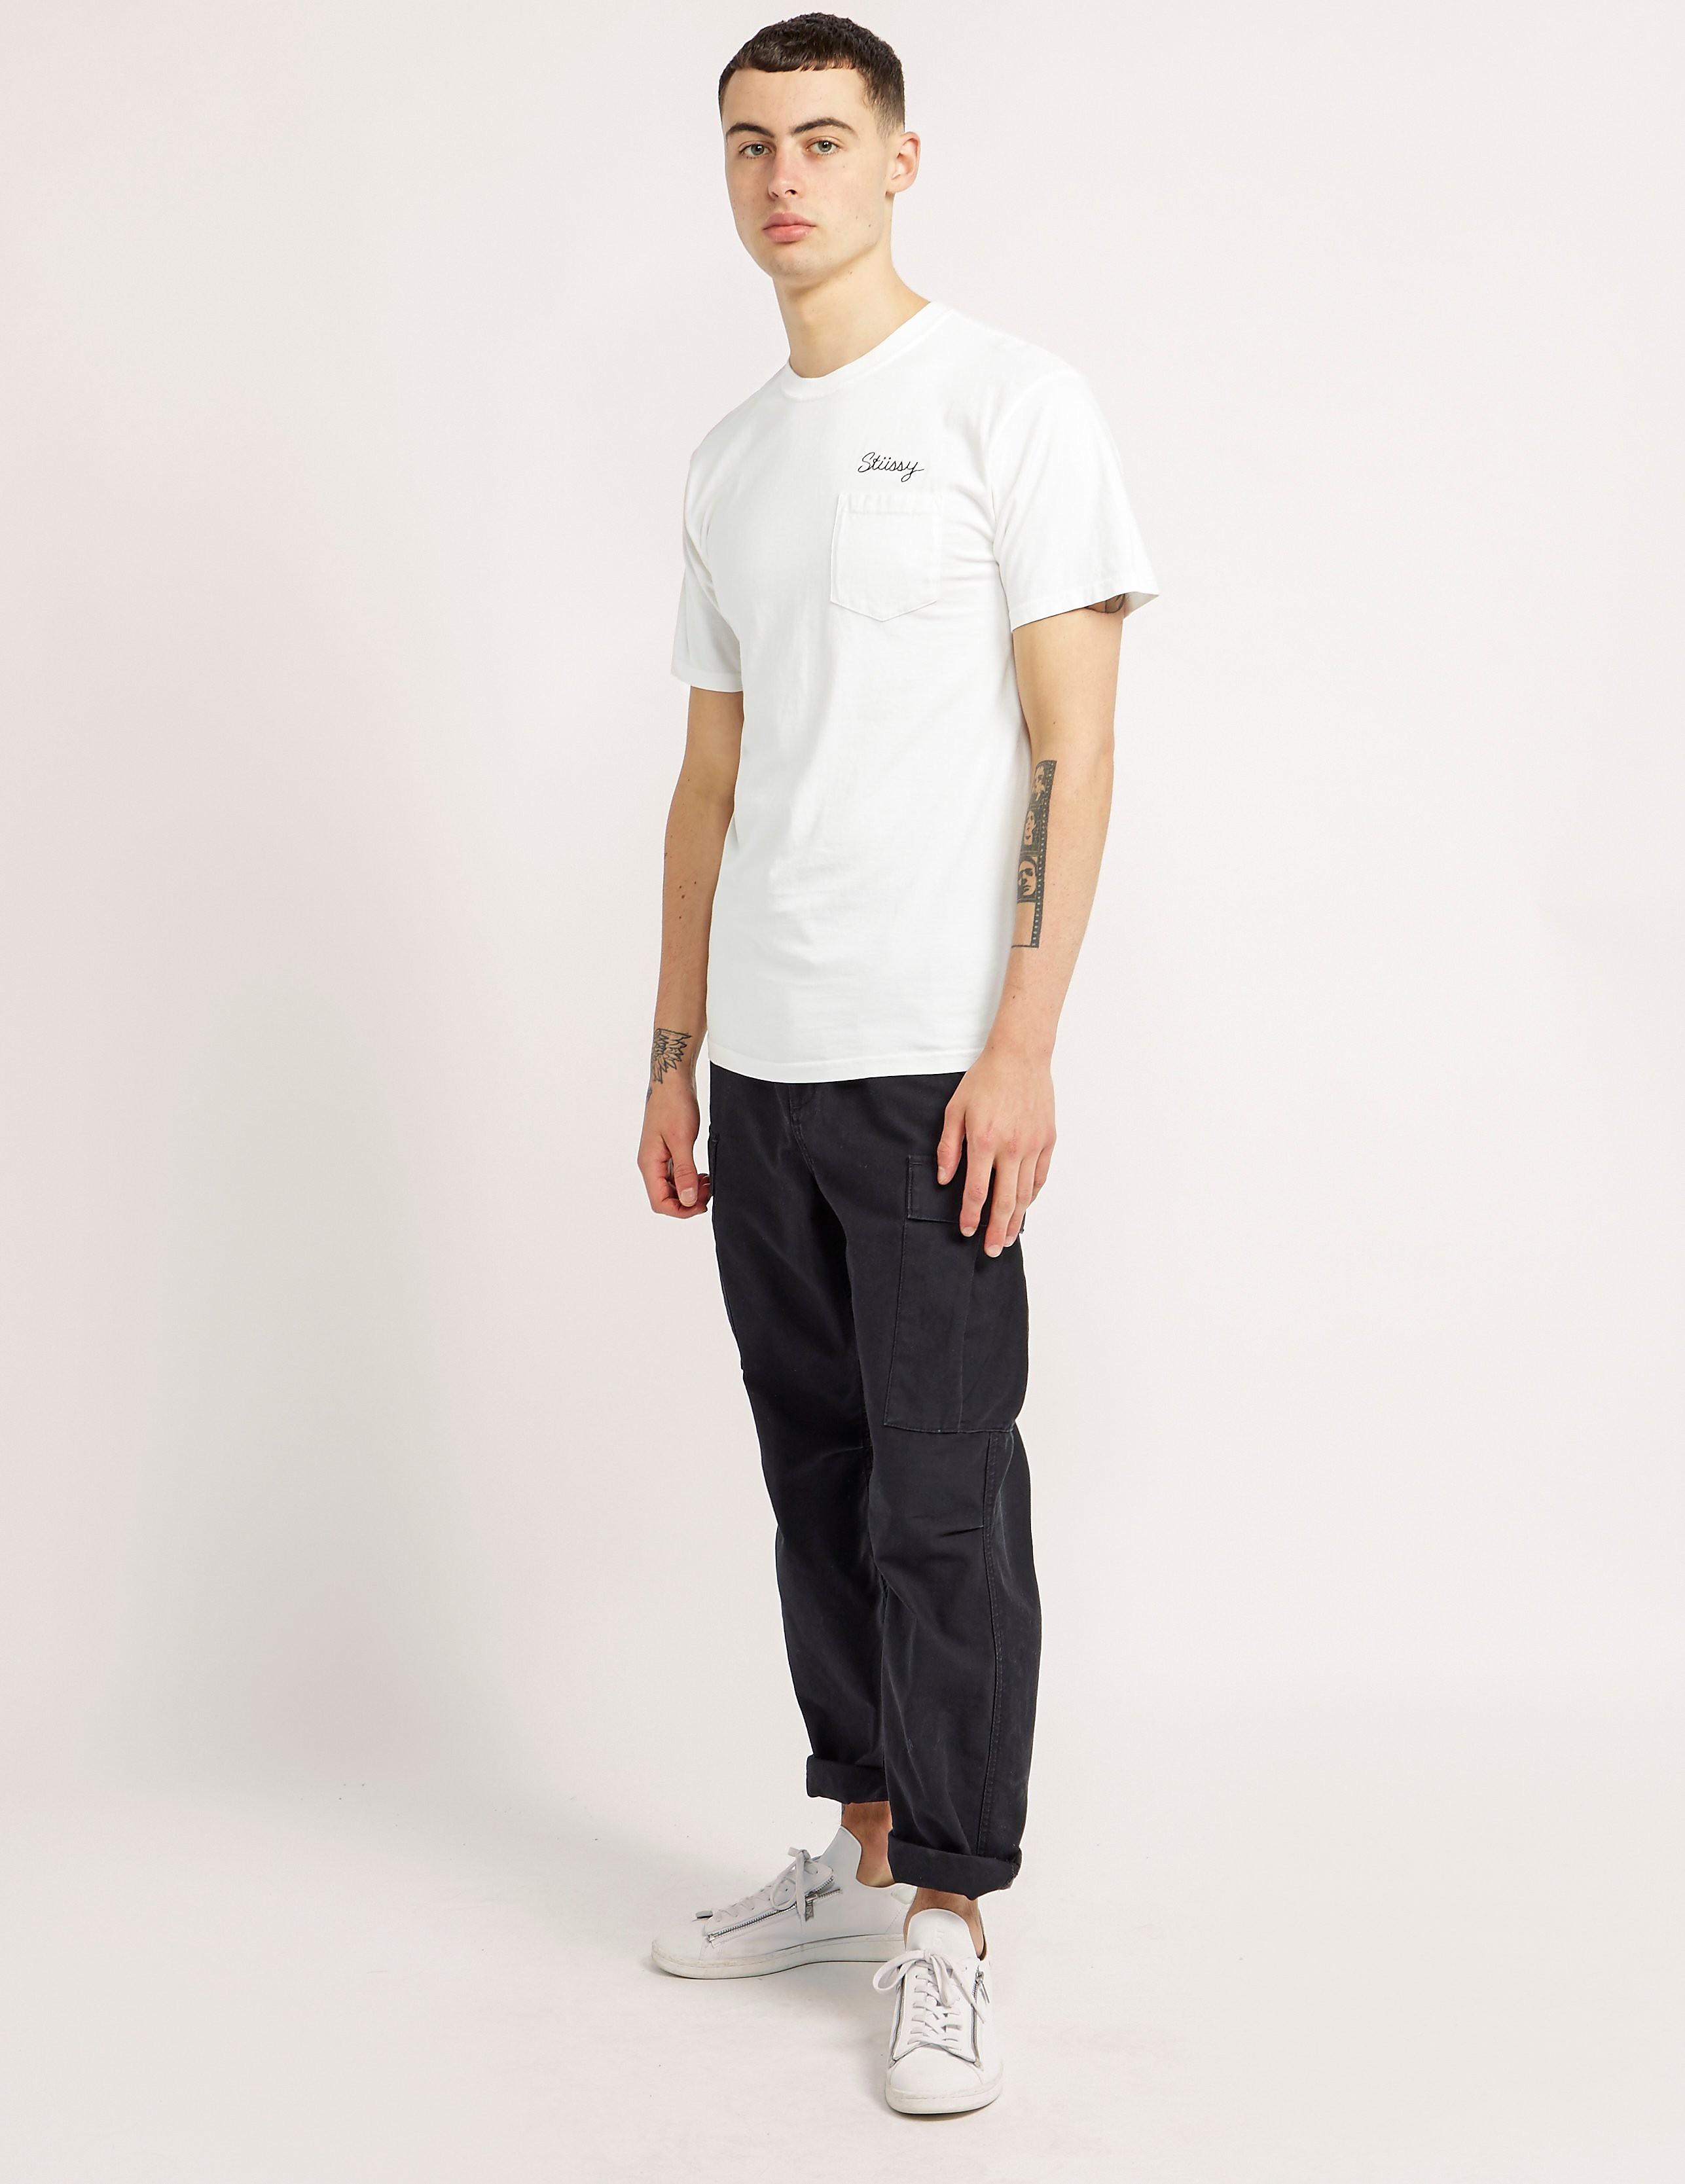 Stussy Stitch Dye Pocket Short Sleeve T-Shirt